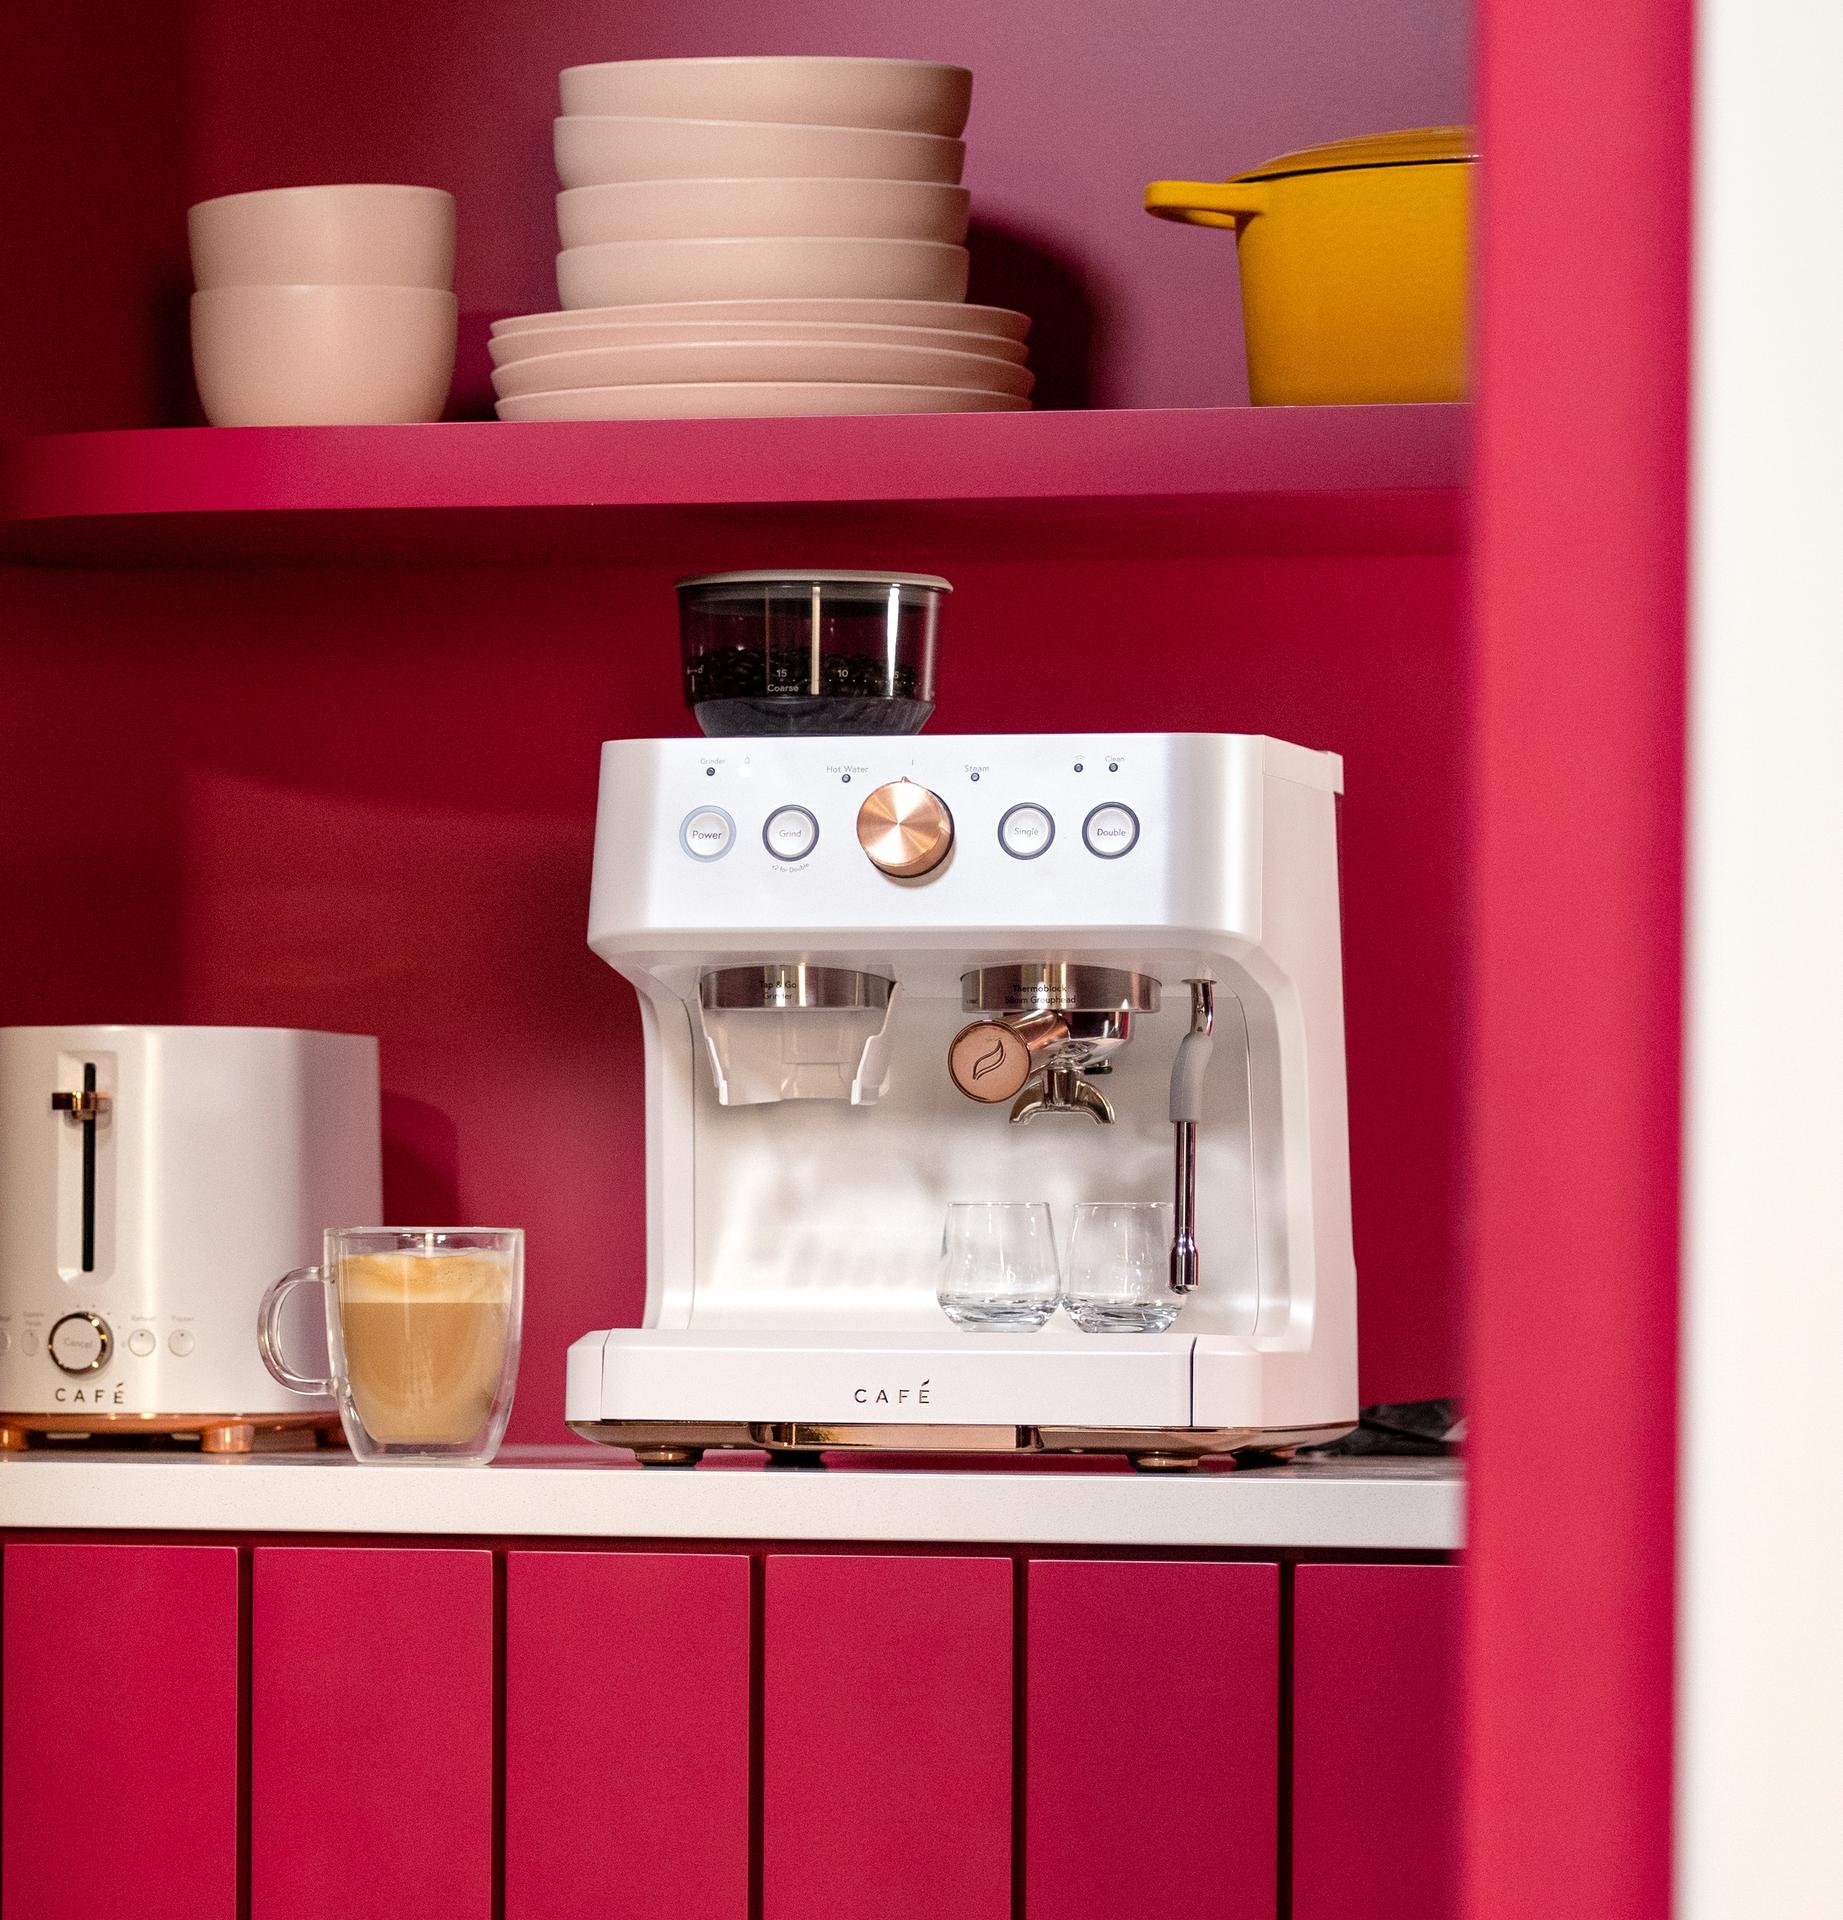 CAFÉ BELLISSIMO Espresso Maker in Matte White